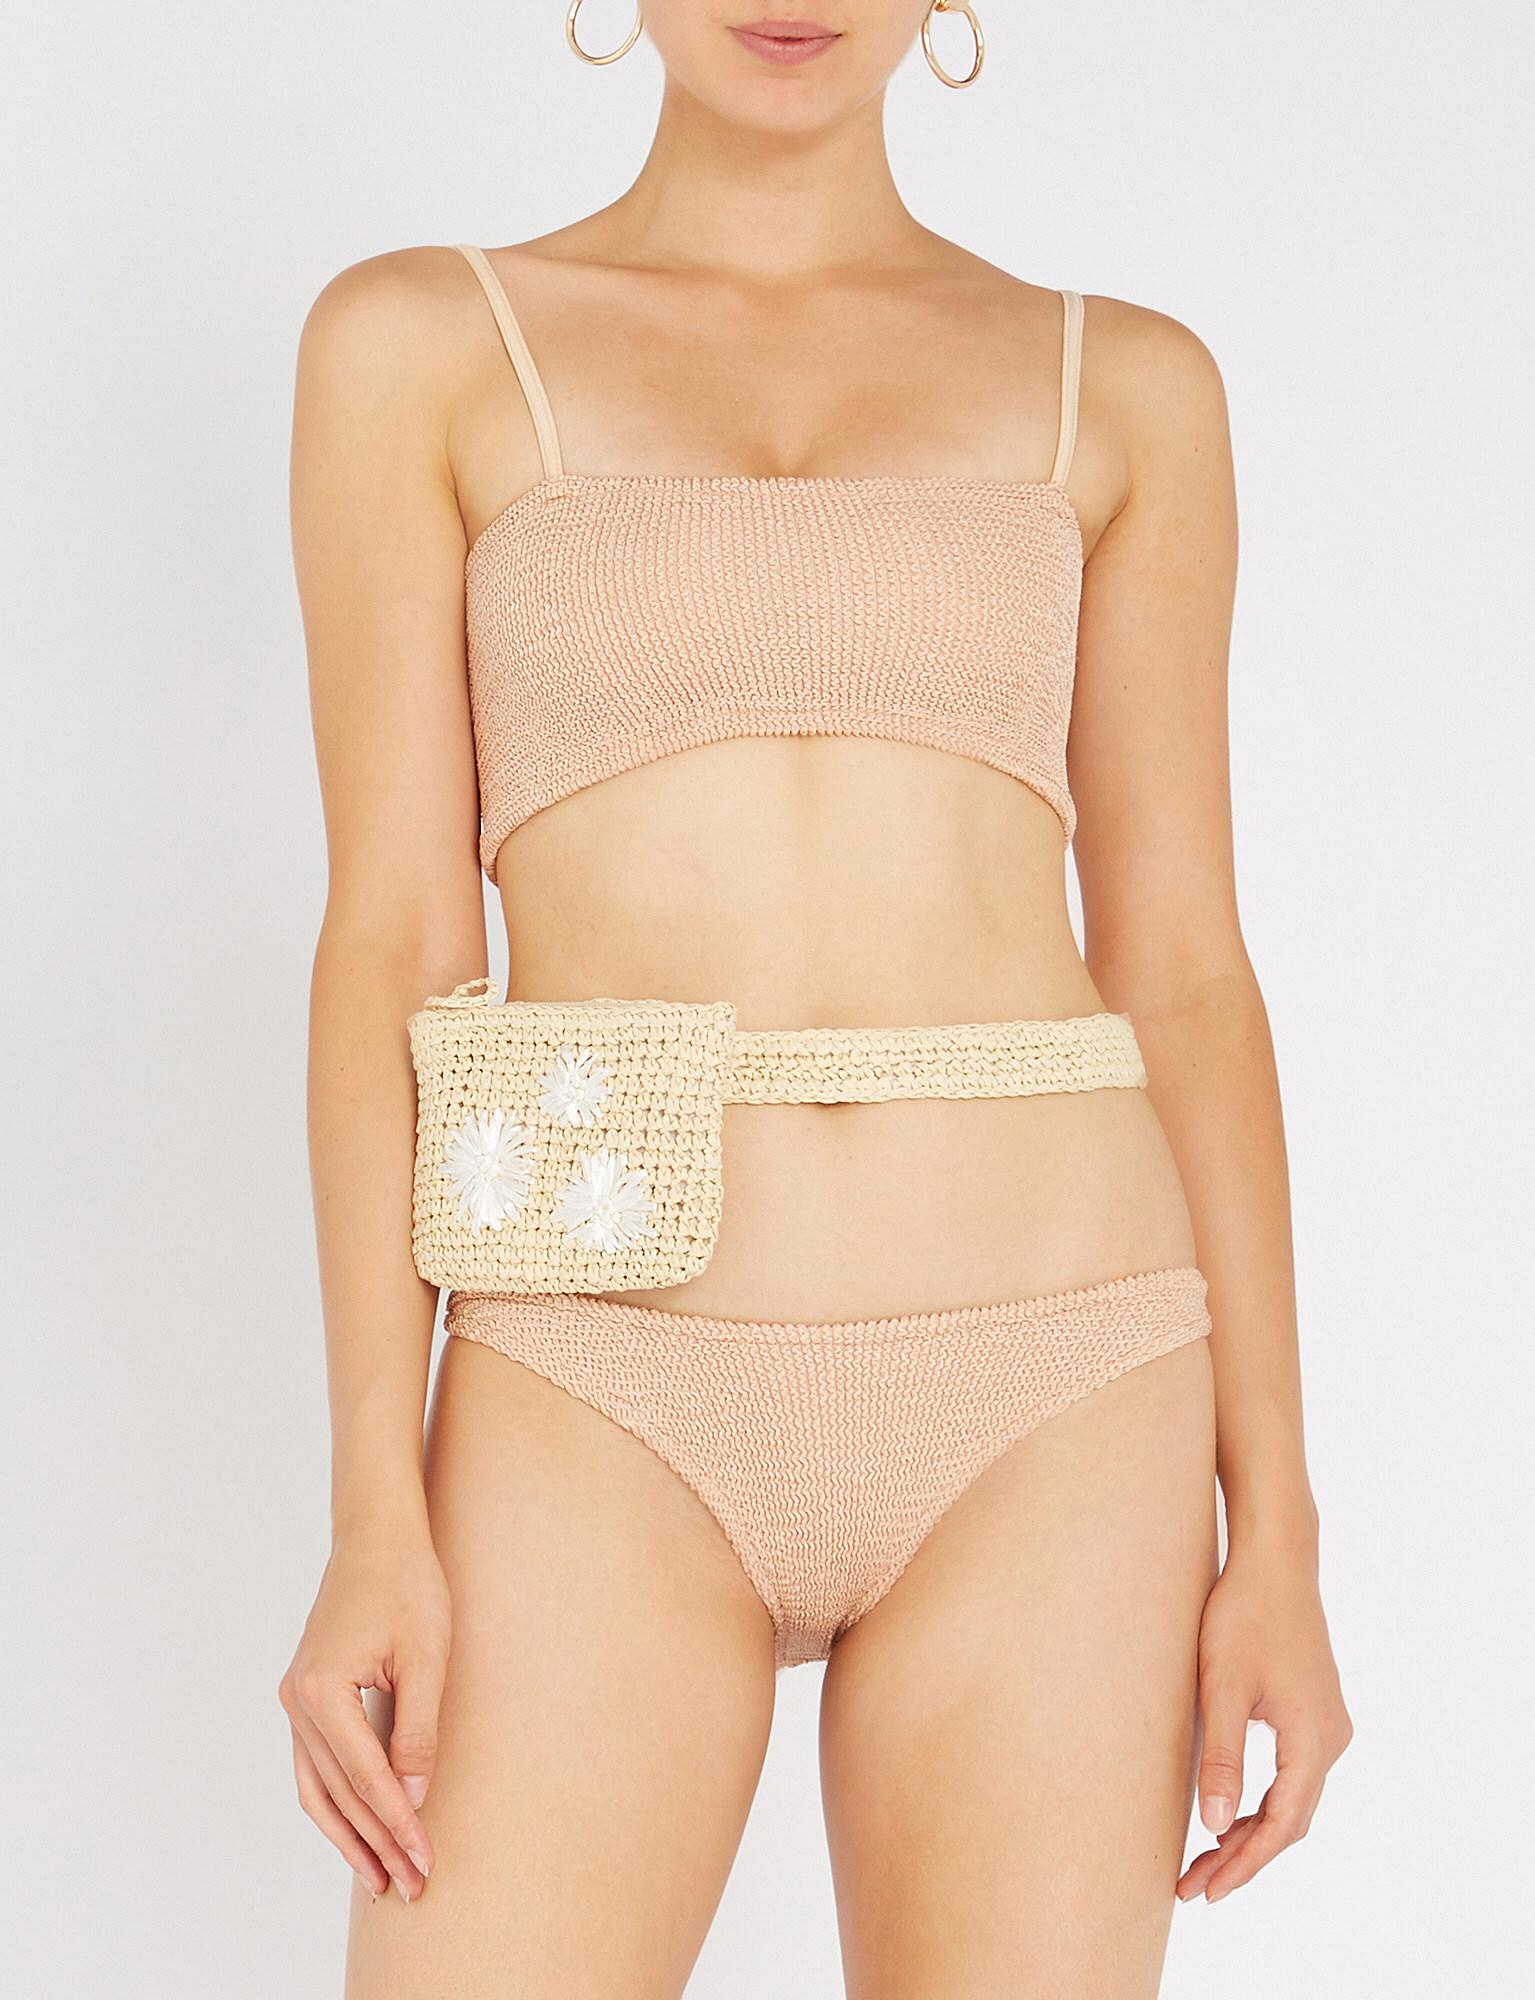 503cc1e40f0db Hunza G. Women s Gigi Bikini Set